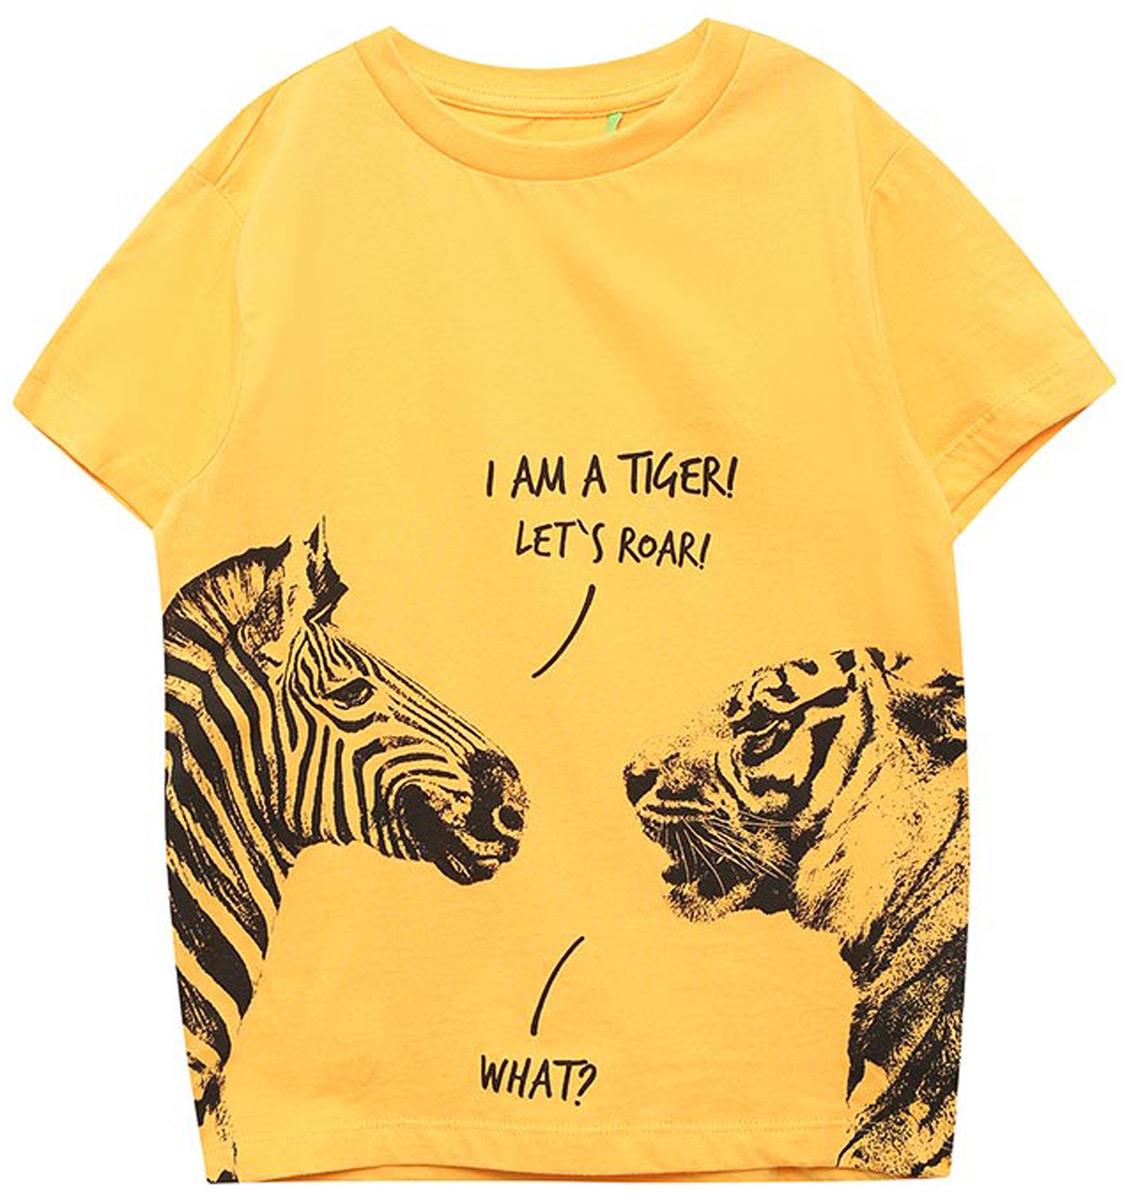 Футболка для мальчика Sela, цвет: банановый. Ts-811/281-8213. Размер 152, 12 лет футболка для мальчика sela цвет банановый ts 811 281 8213 размер 152 12 лет